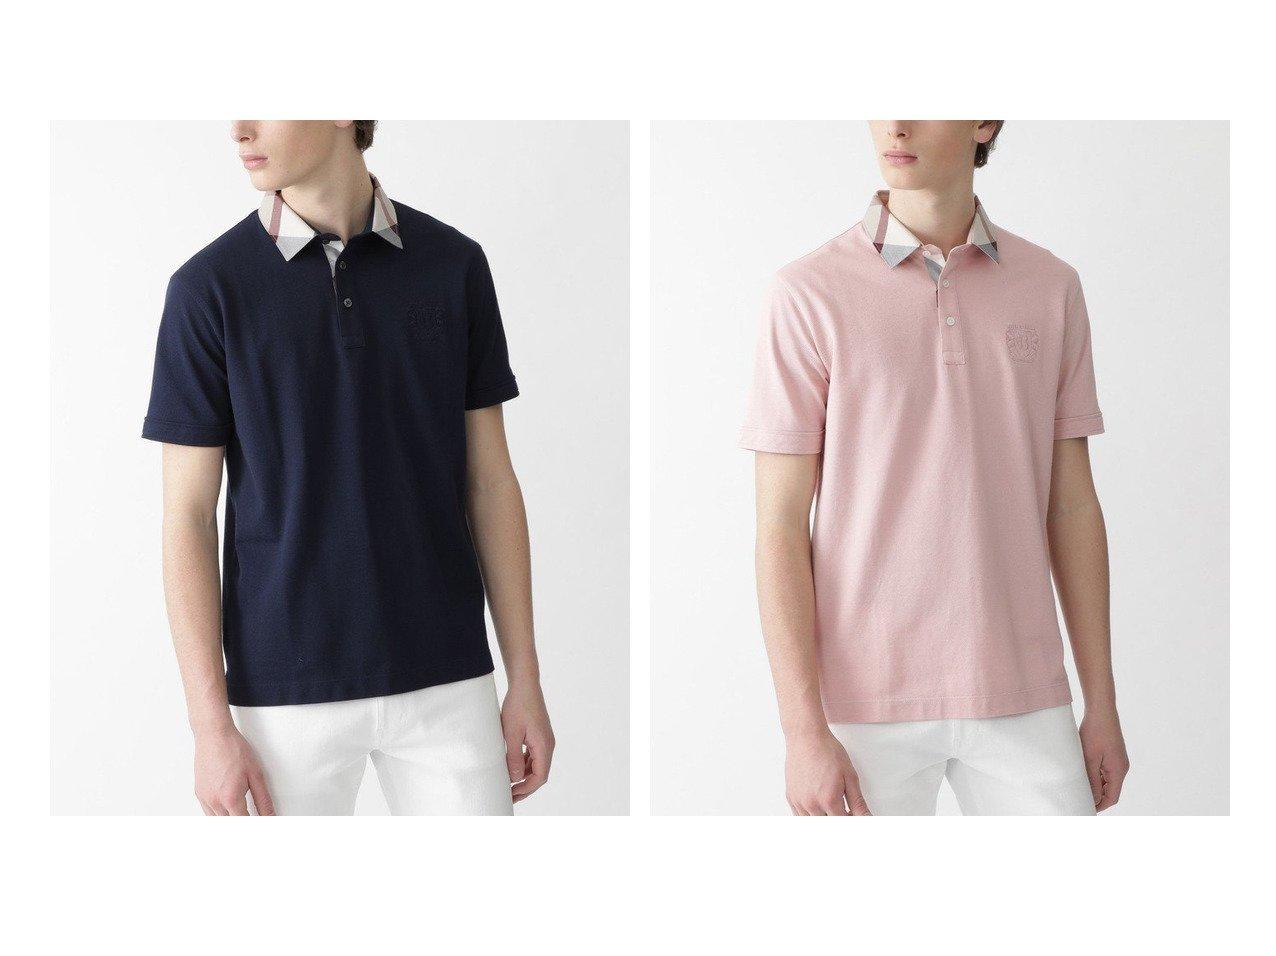 【BLACK LABEL CRESTBRIDGE / MEN/ブラックレーベル クレストブリッジ】のパーシャルチェックギザスヴィンポロ 【MEN】おすすめ!人気トレンド・男性、メンズファッションの通販 おすすめで人気の流行・トレンド、ファッションの通販商品 メンズファッション・キッズファッション・インテリア・家具・レディースファッション・服の通販 founy(ファニー) https://founy.com/ ファッション Fashion メンズファッション MEN トップス Tops Tshirt Men シャツ Shirts ポロシャツ Polo Shirts シンプル チェック ポロシャツ |ID:crp329100000019810